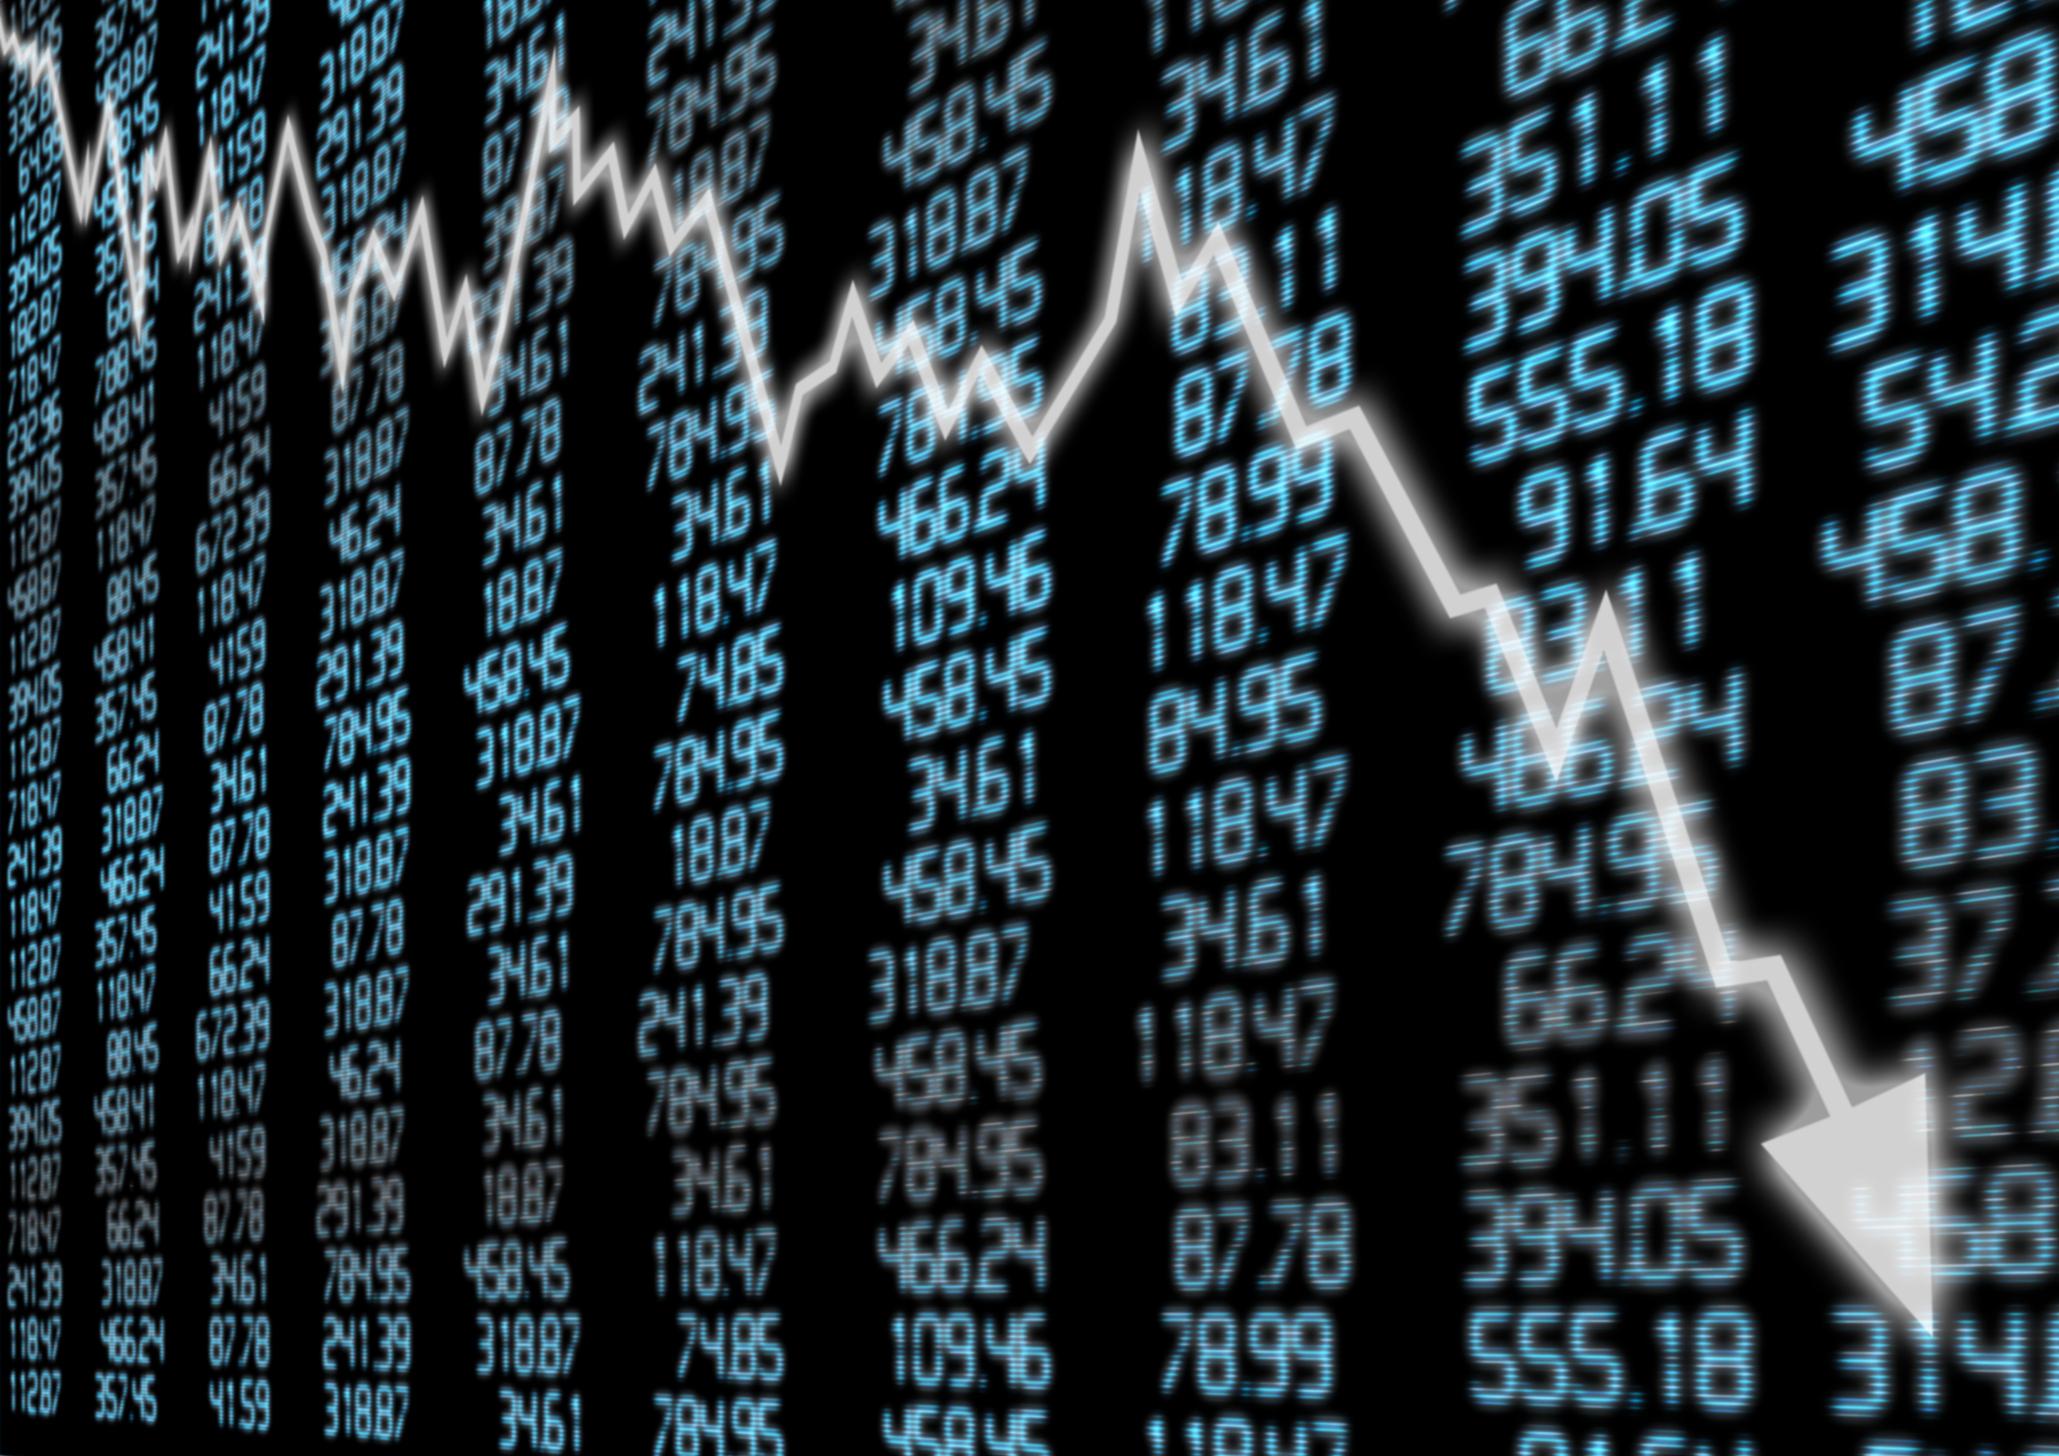 Stock market data and chart indicating losses